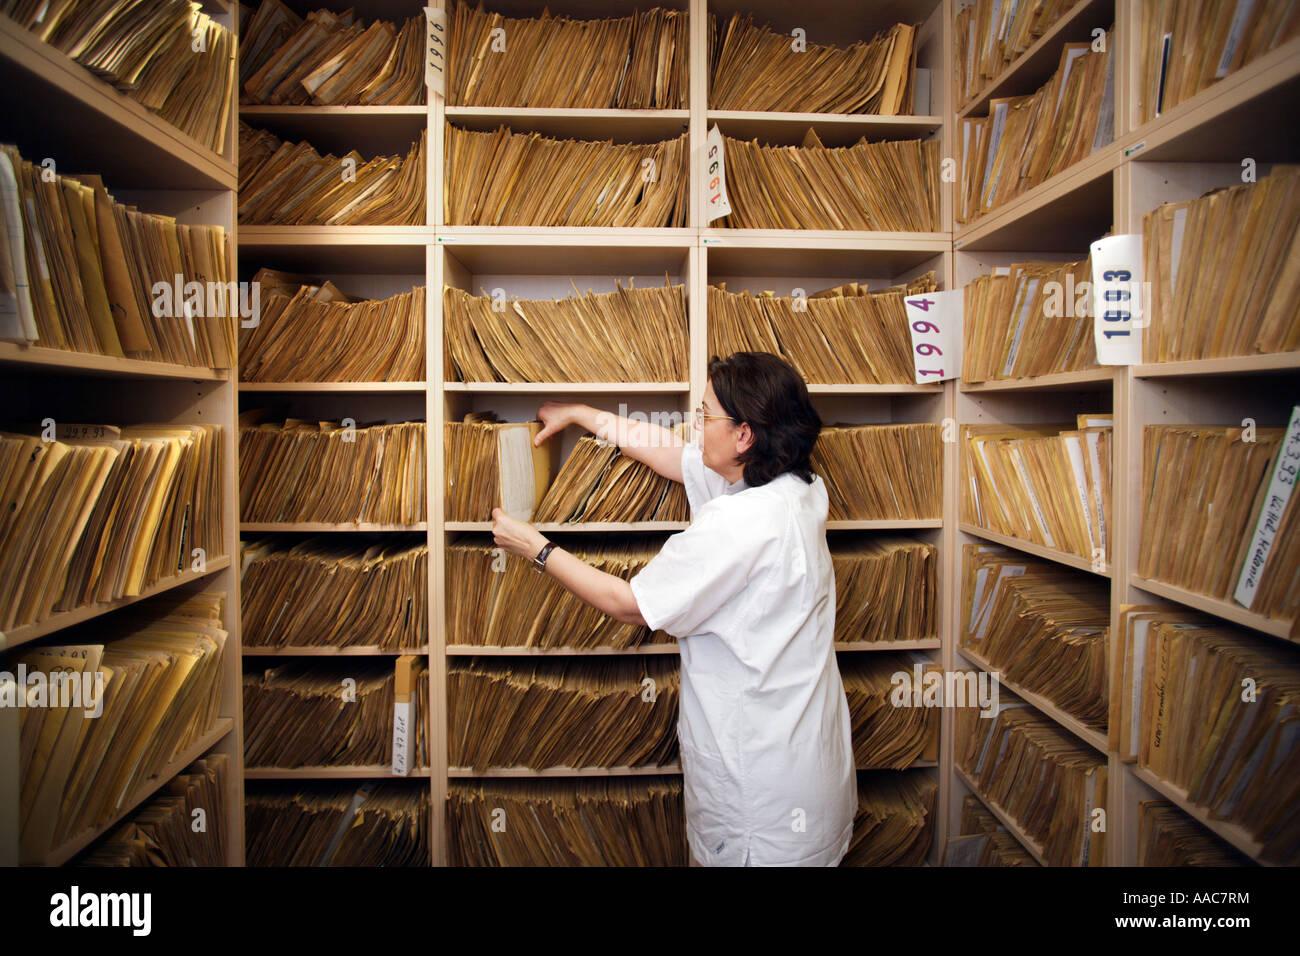 Altona bambini s hospital archivio della radiologia Immagini Stock